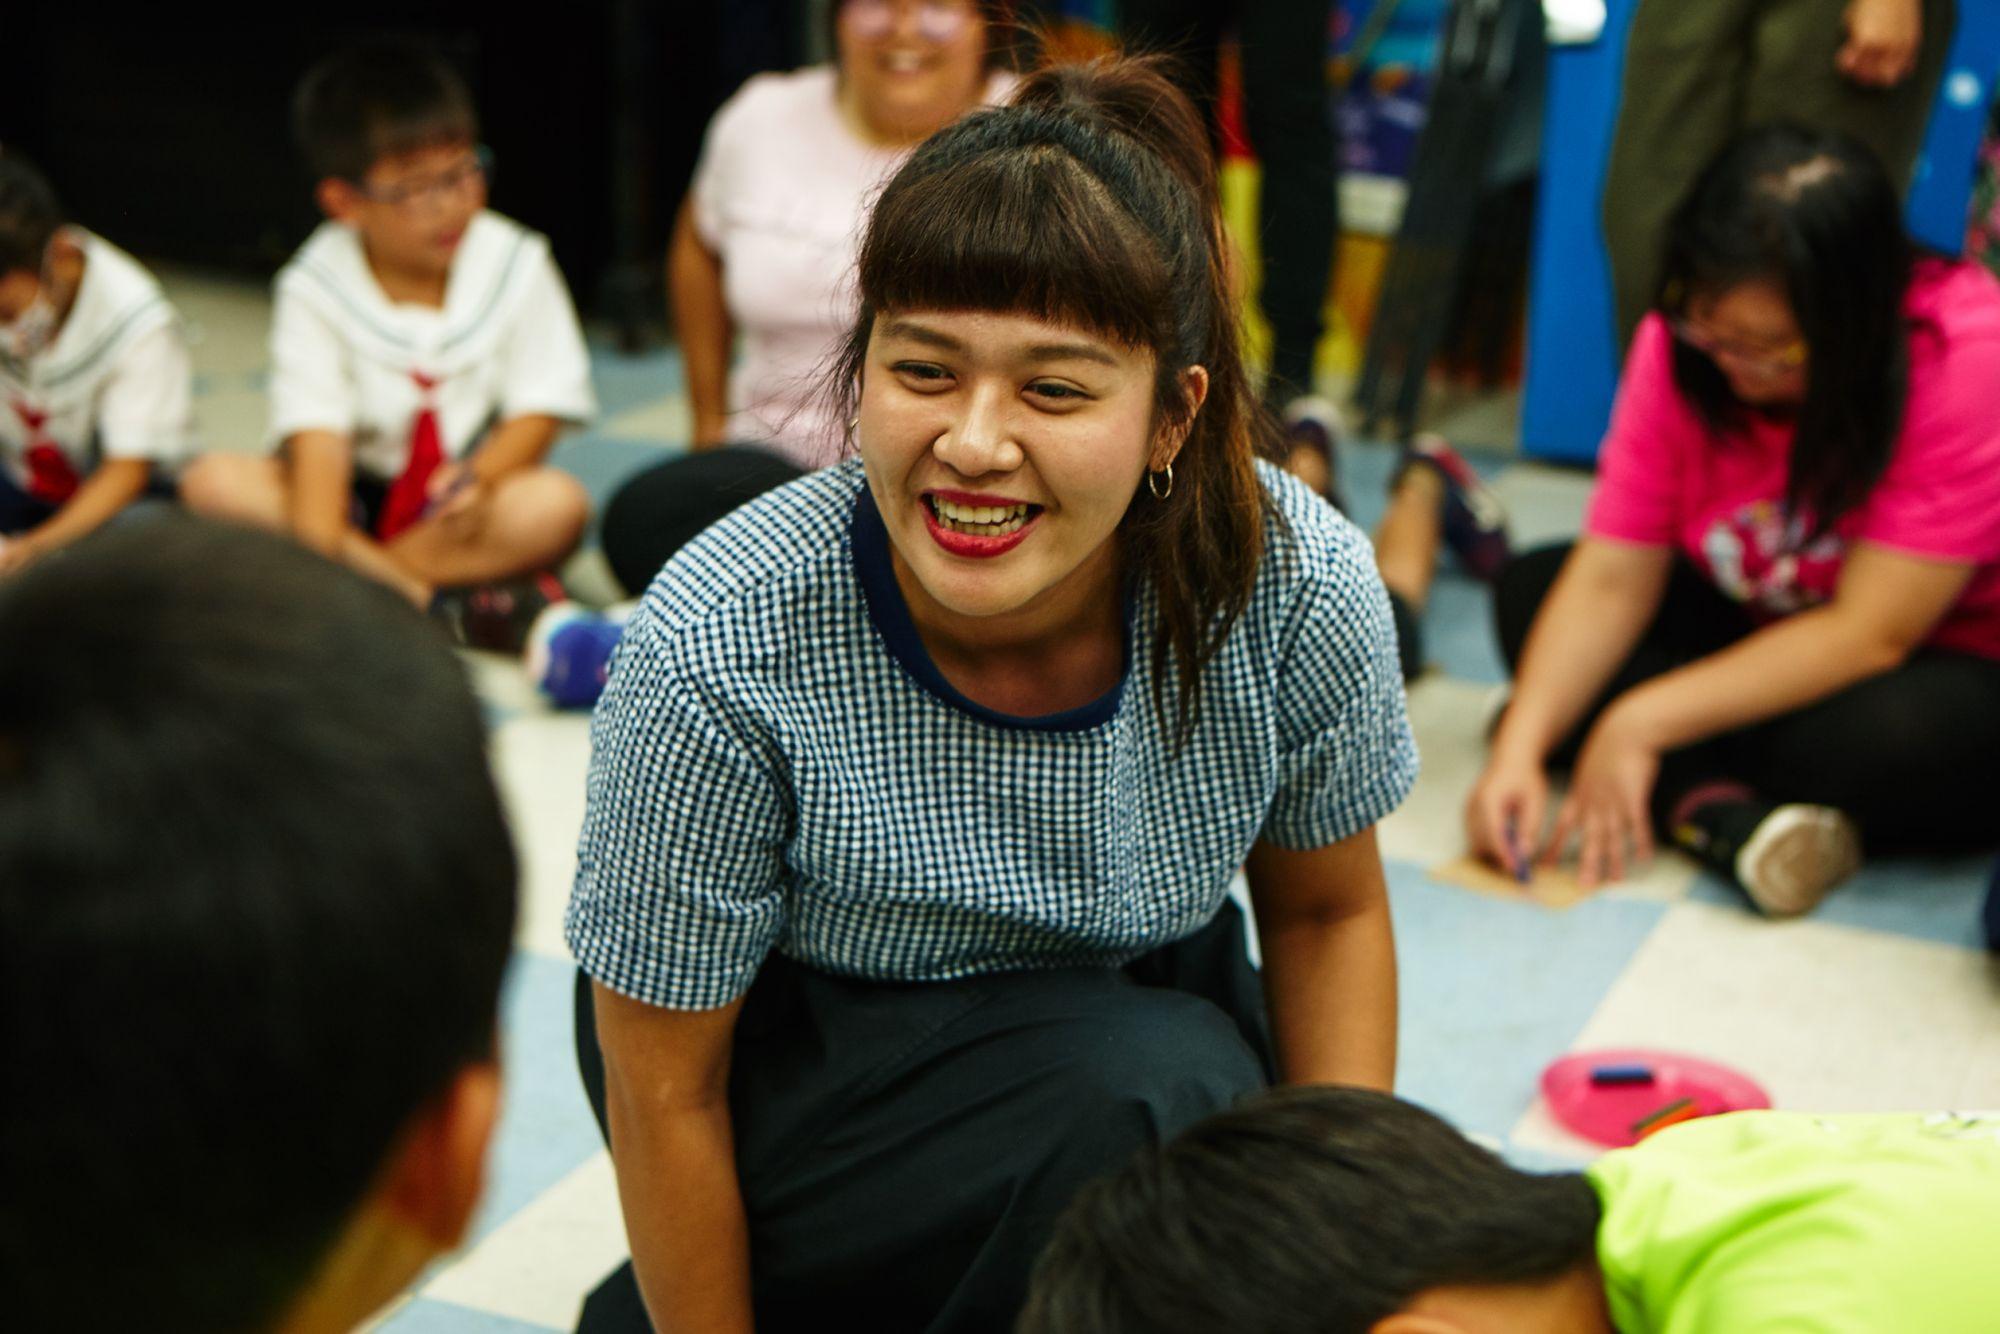 小人小學創辦人陳子倢:「這是一款幫助大人、小孩打開心門的情緒桌遊,連兩歲小孩都能上手。」